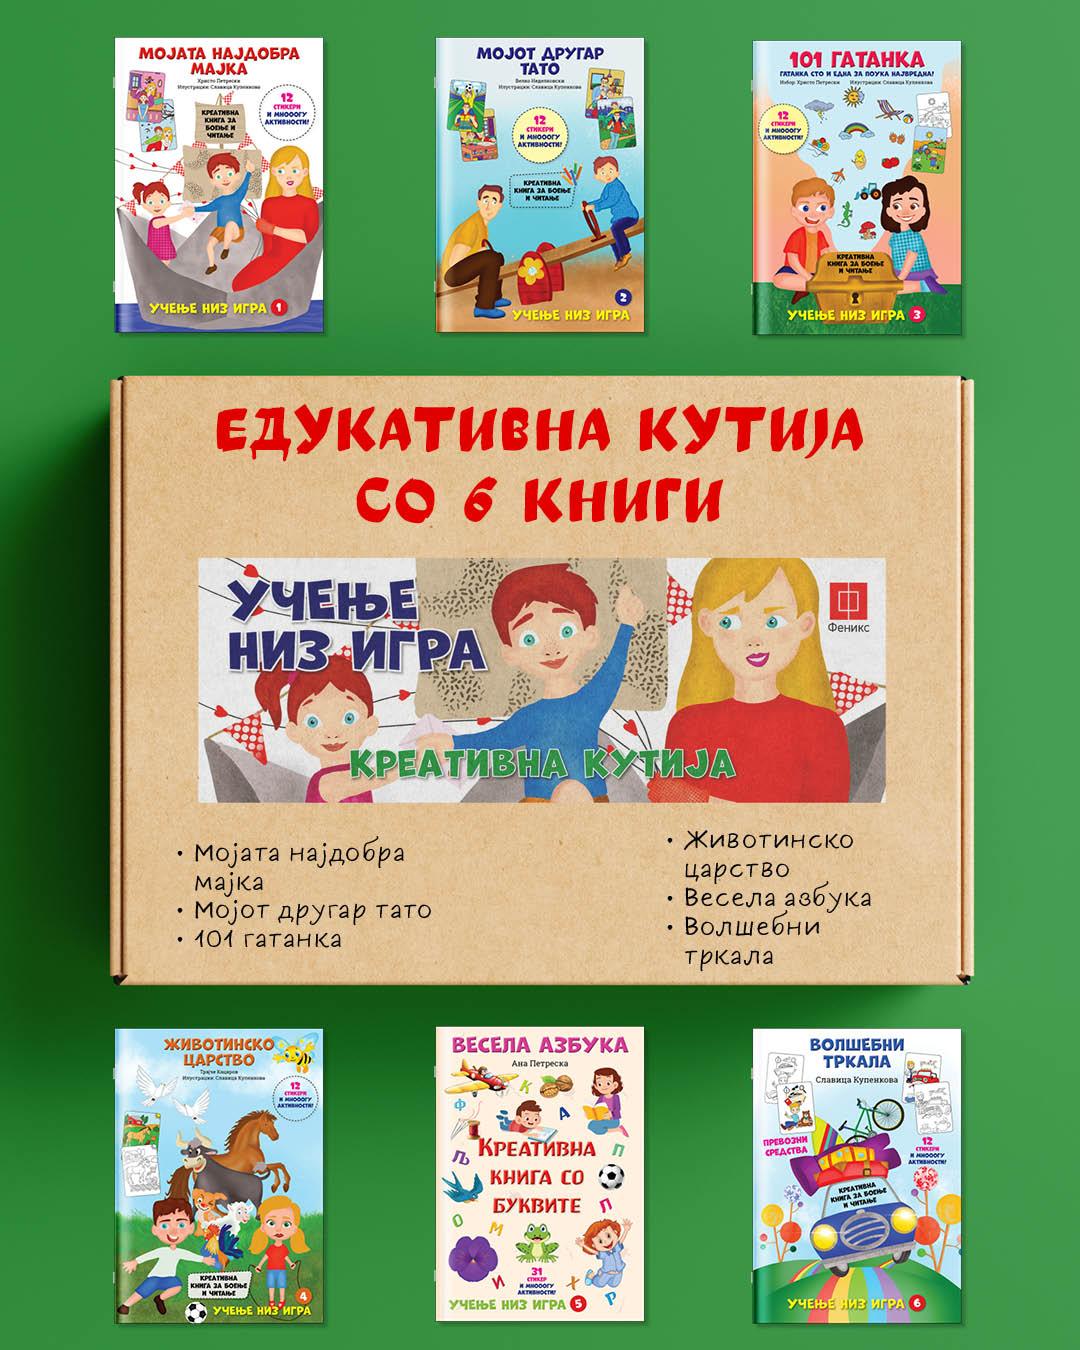 Едукативна кутија со 6 книги